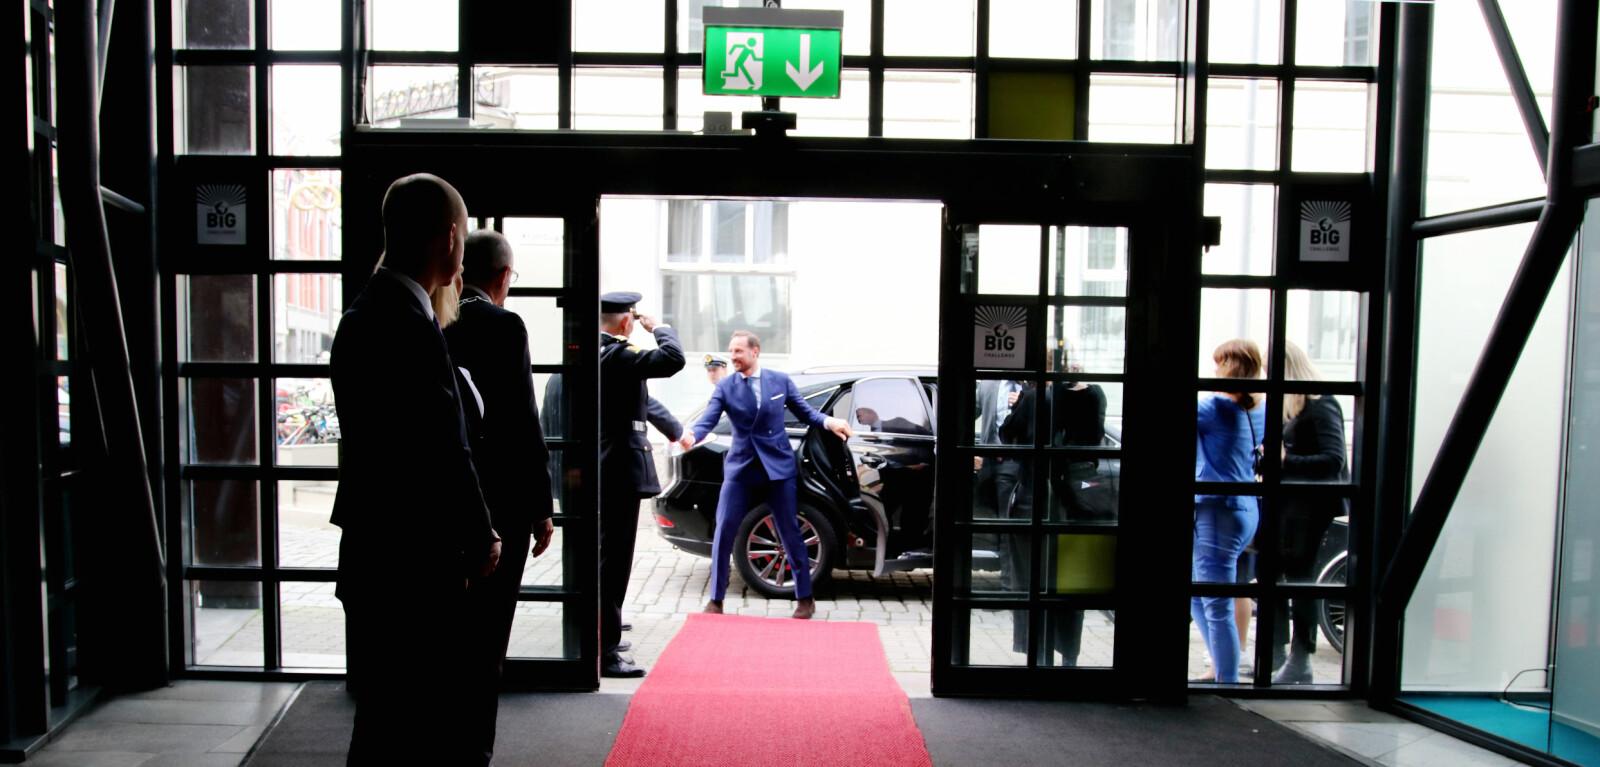 Den svarte bilen kjem med kronprins Haakon Magnus i kongeblå dress og blir helst av politimeisteren før han går inn i Olavshallen for å høyre på Stephen Fry. Foto: Njord V. Svendsen